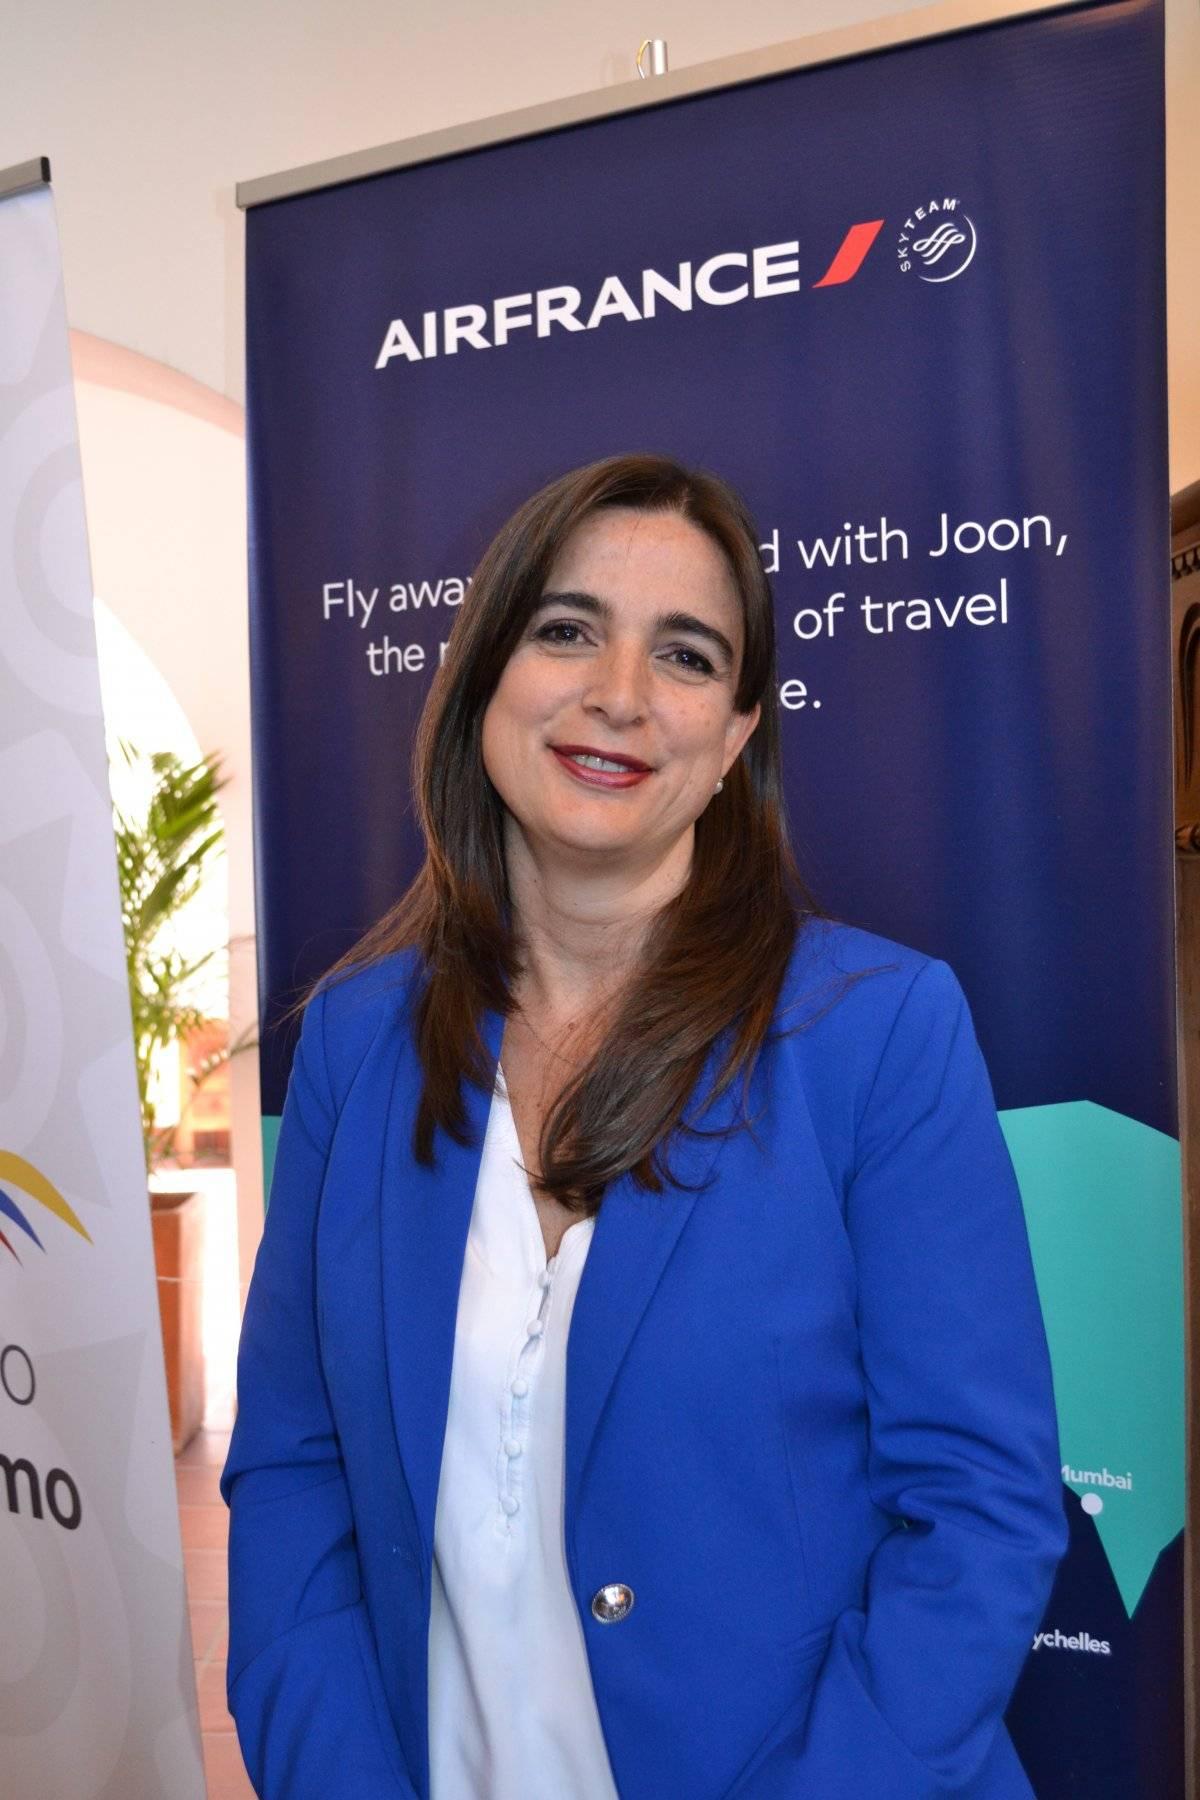 Embajada de Francia y Air France presentaron oficialmente su nueva ruta Quito-París